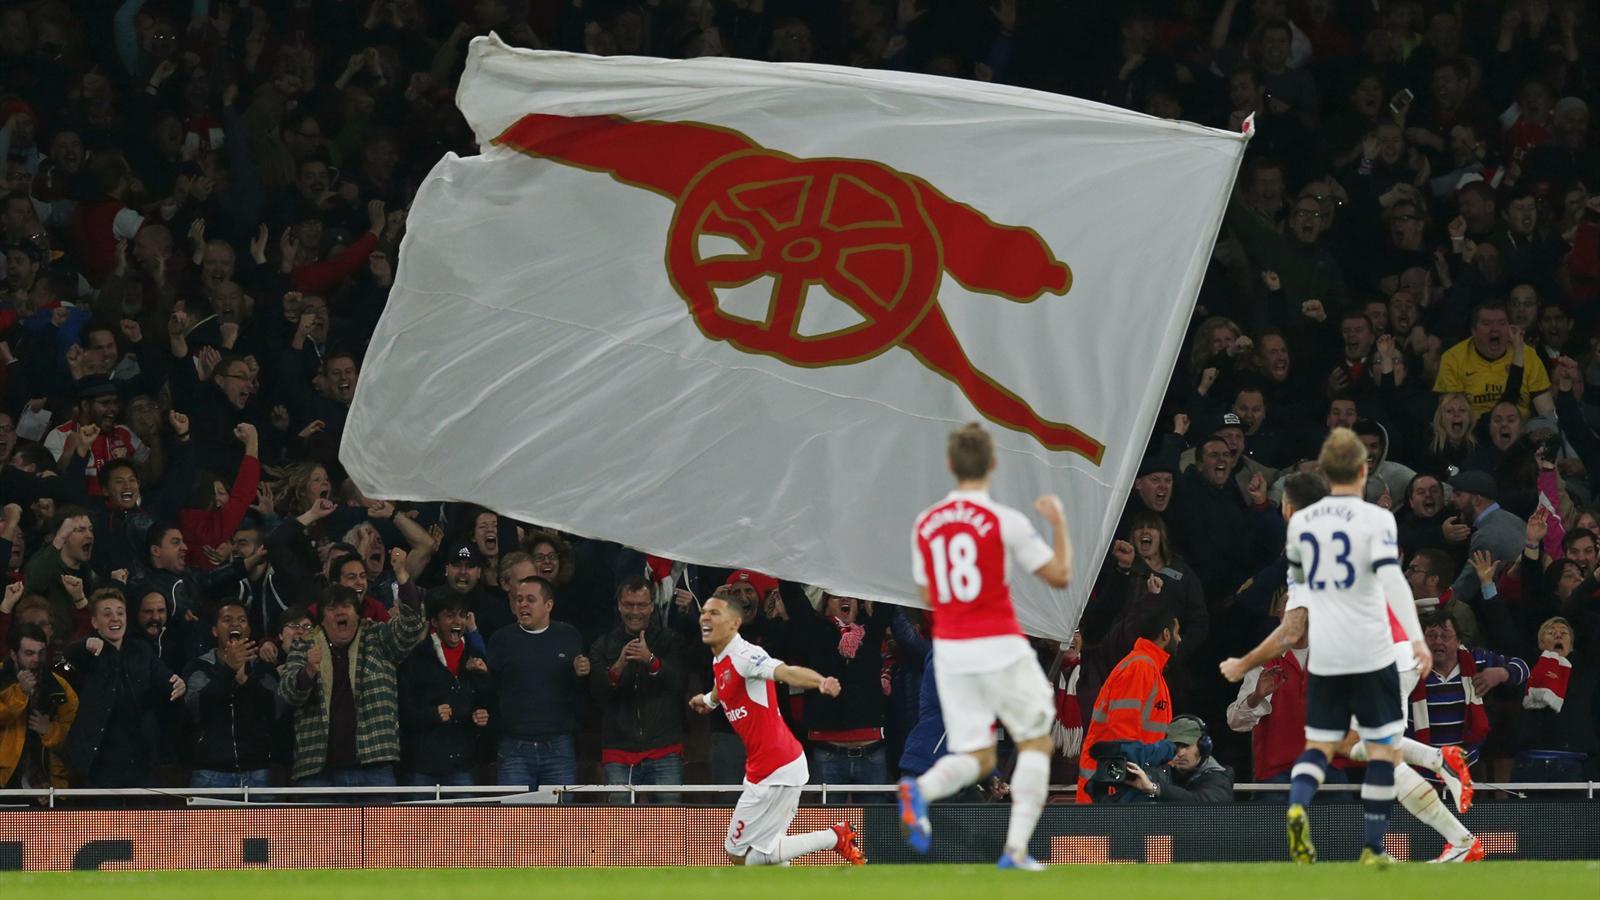 Arsenal's Kieran Gibbs celebrates scoring their first goal